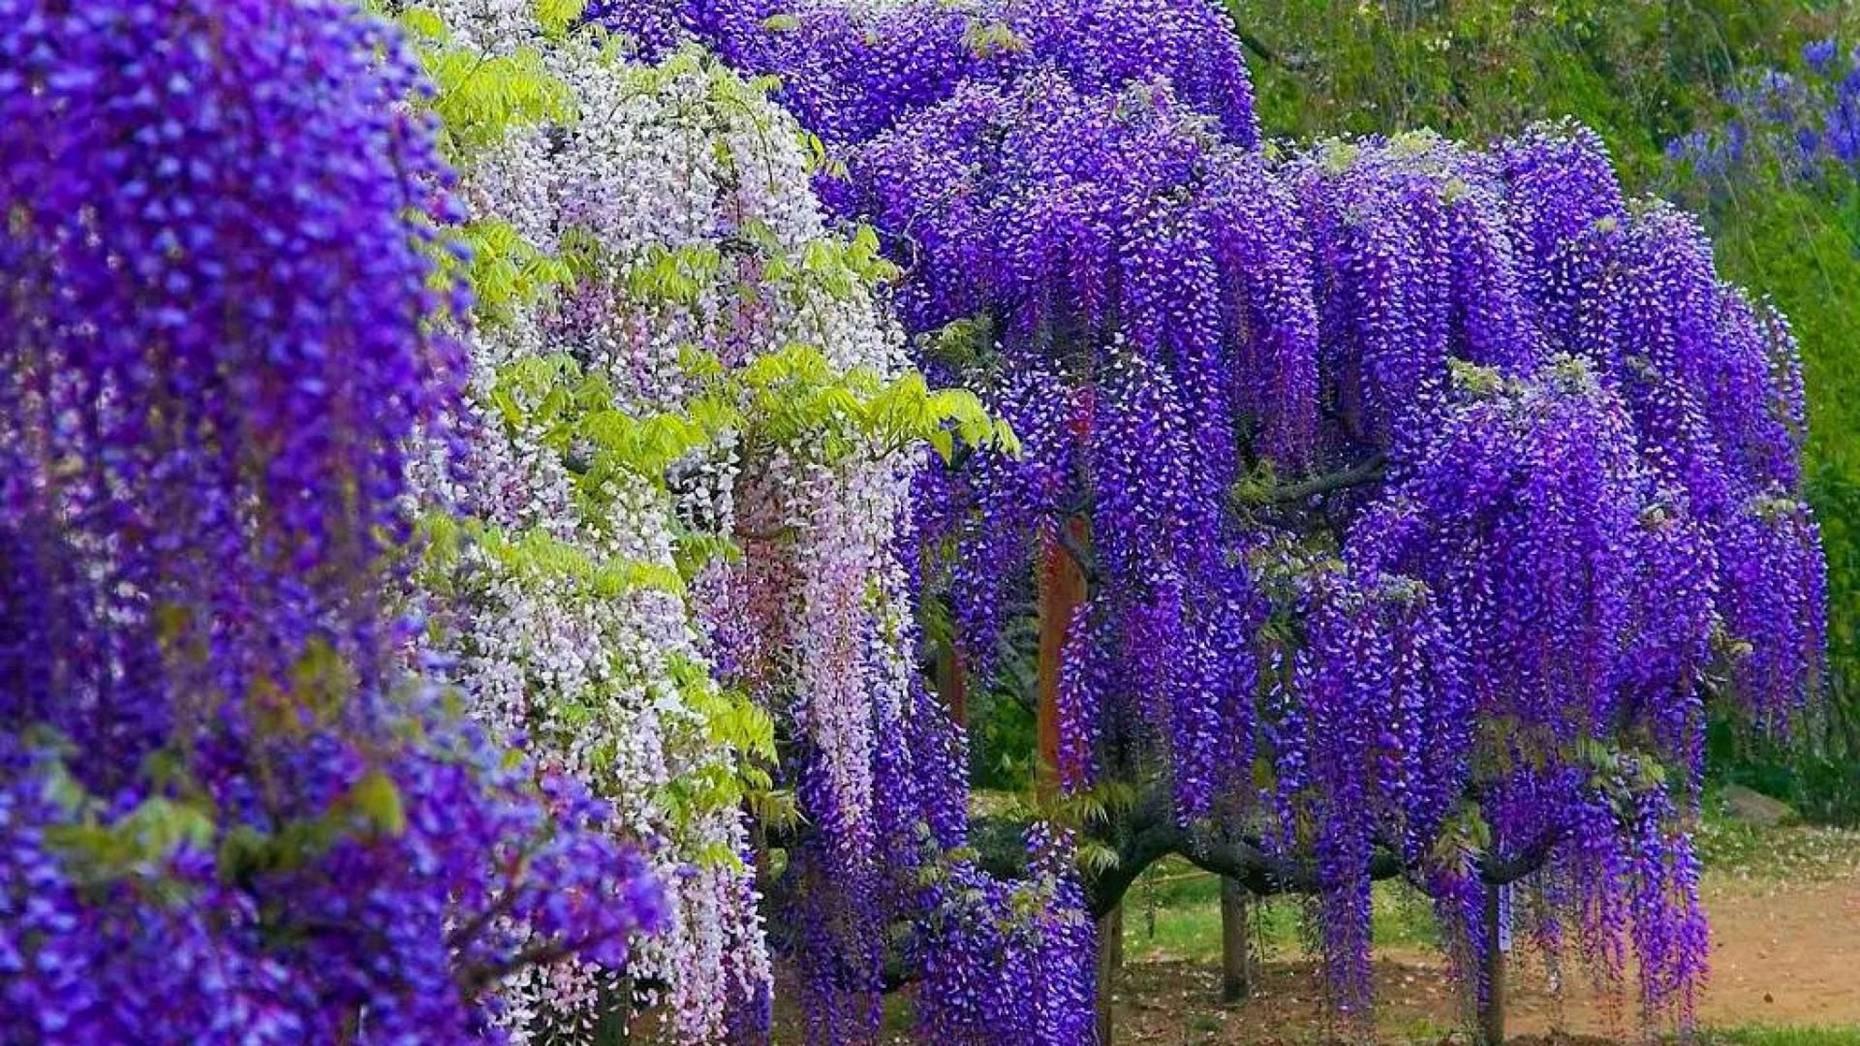 """摄影图片欣赏:日本足利花卉公园的""""紫藤花物语"""""""